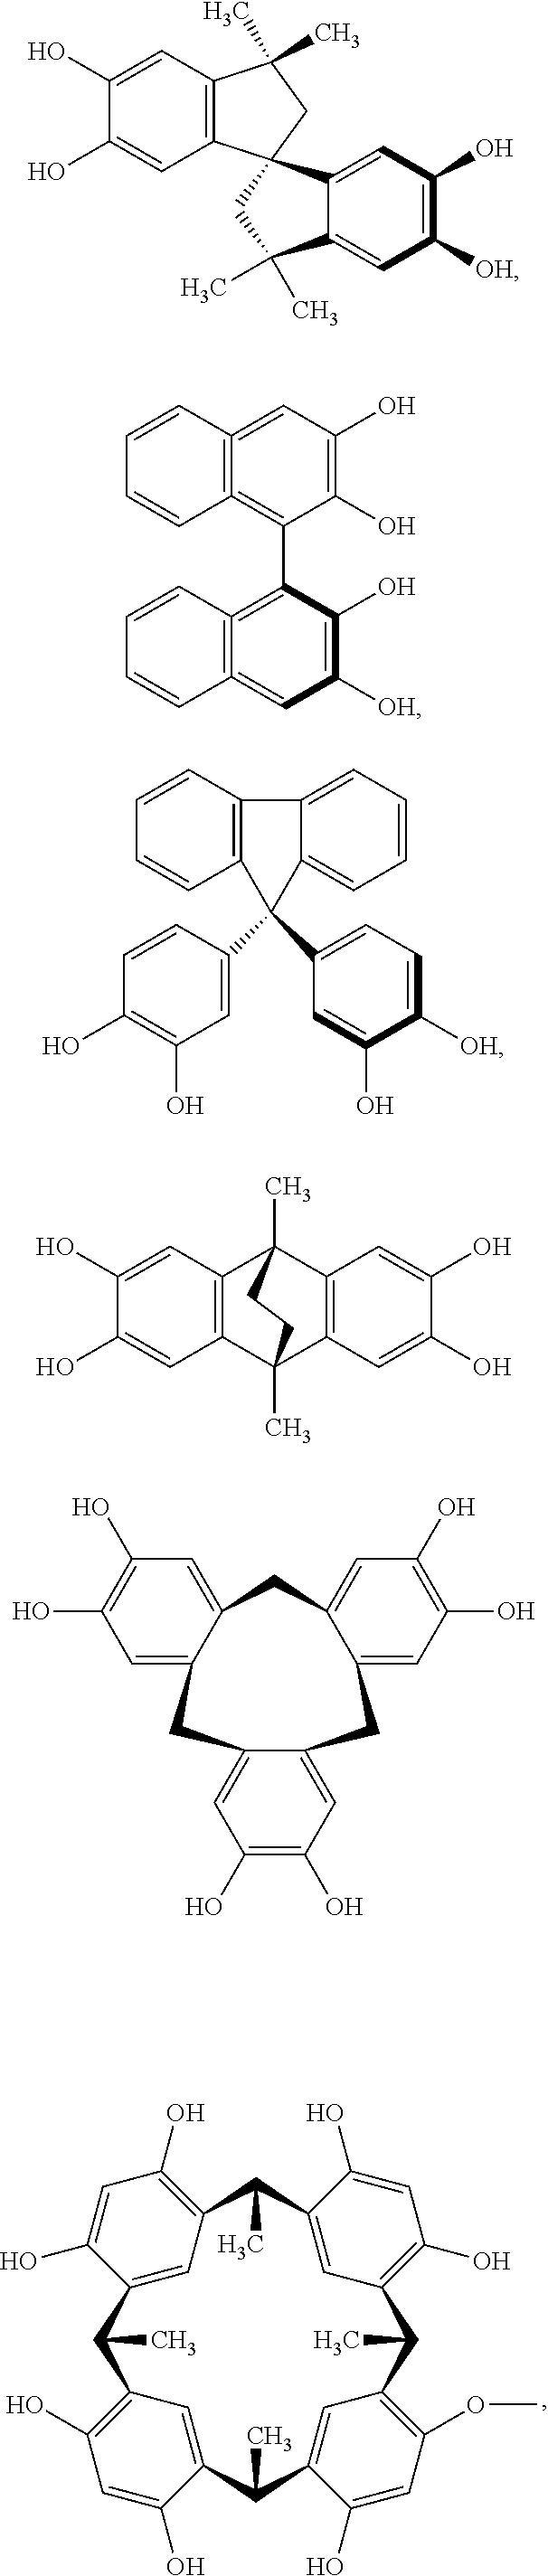 Figure US09045582-20150602-C00075